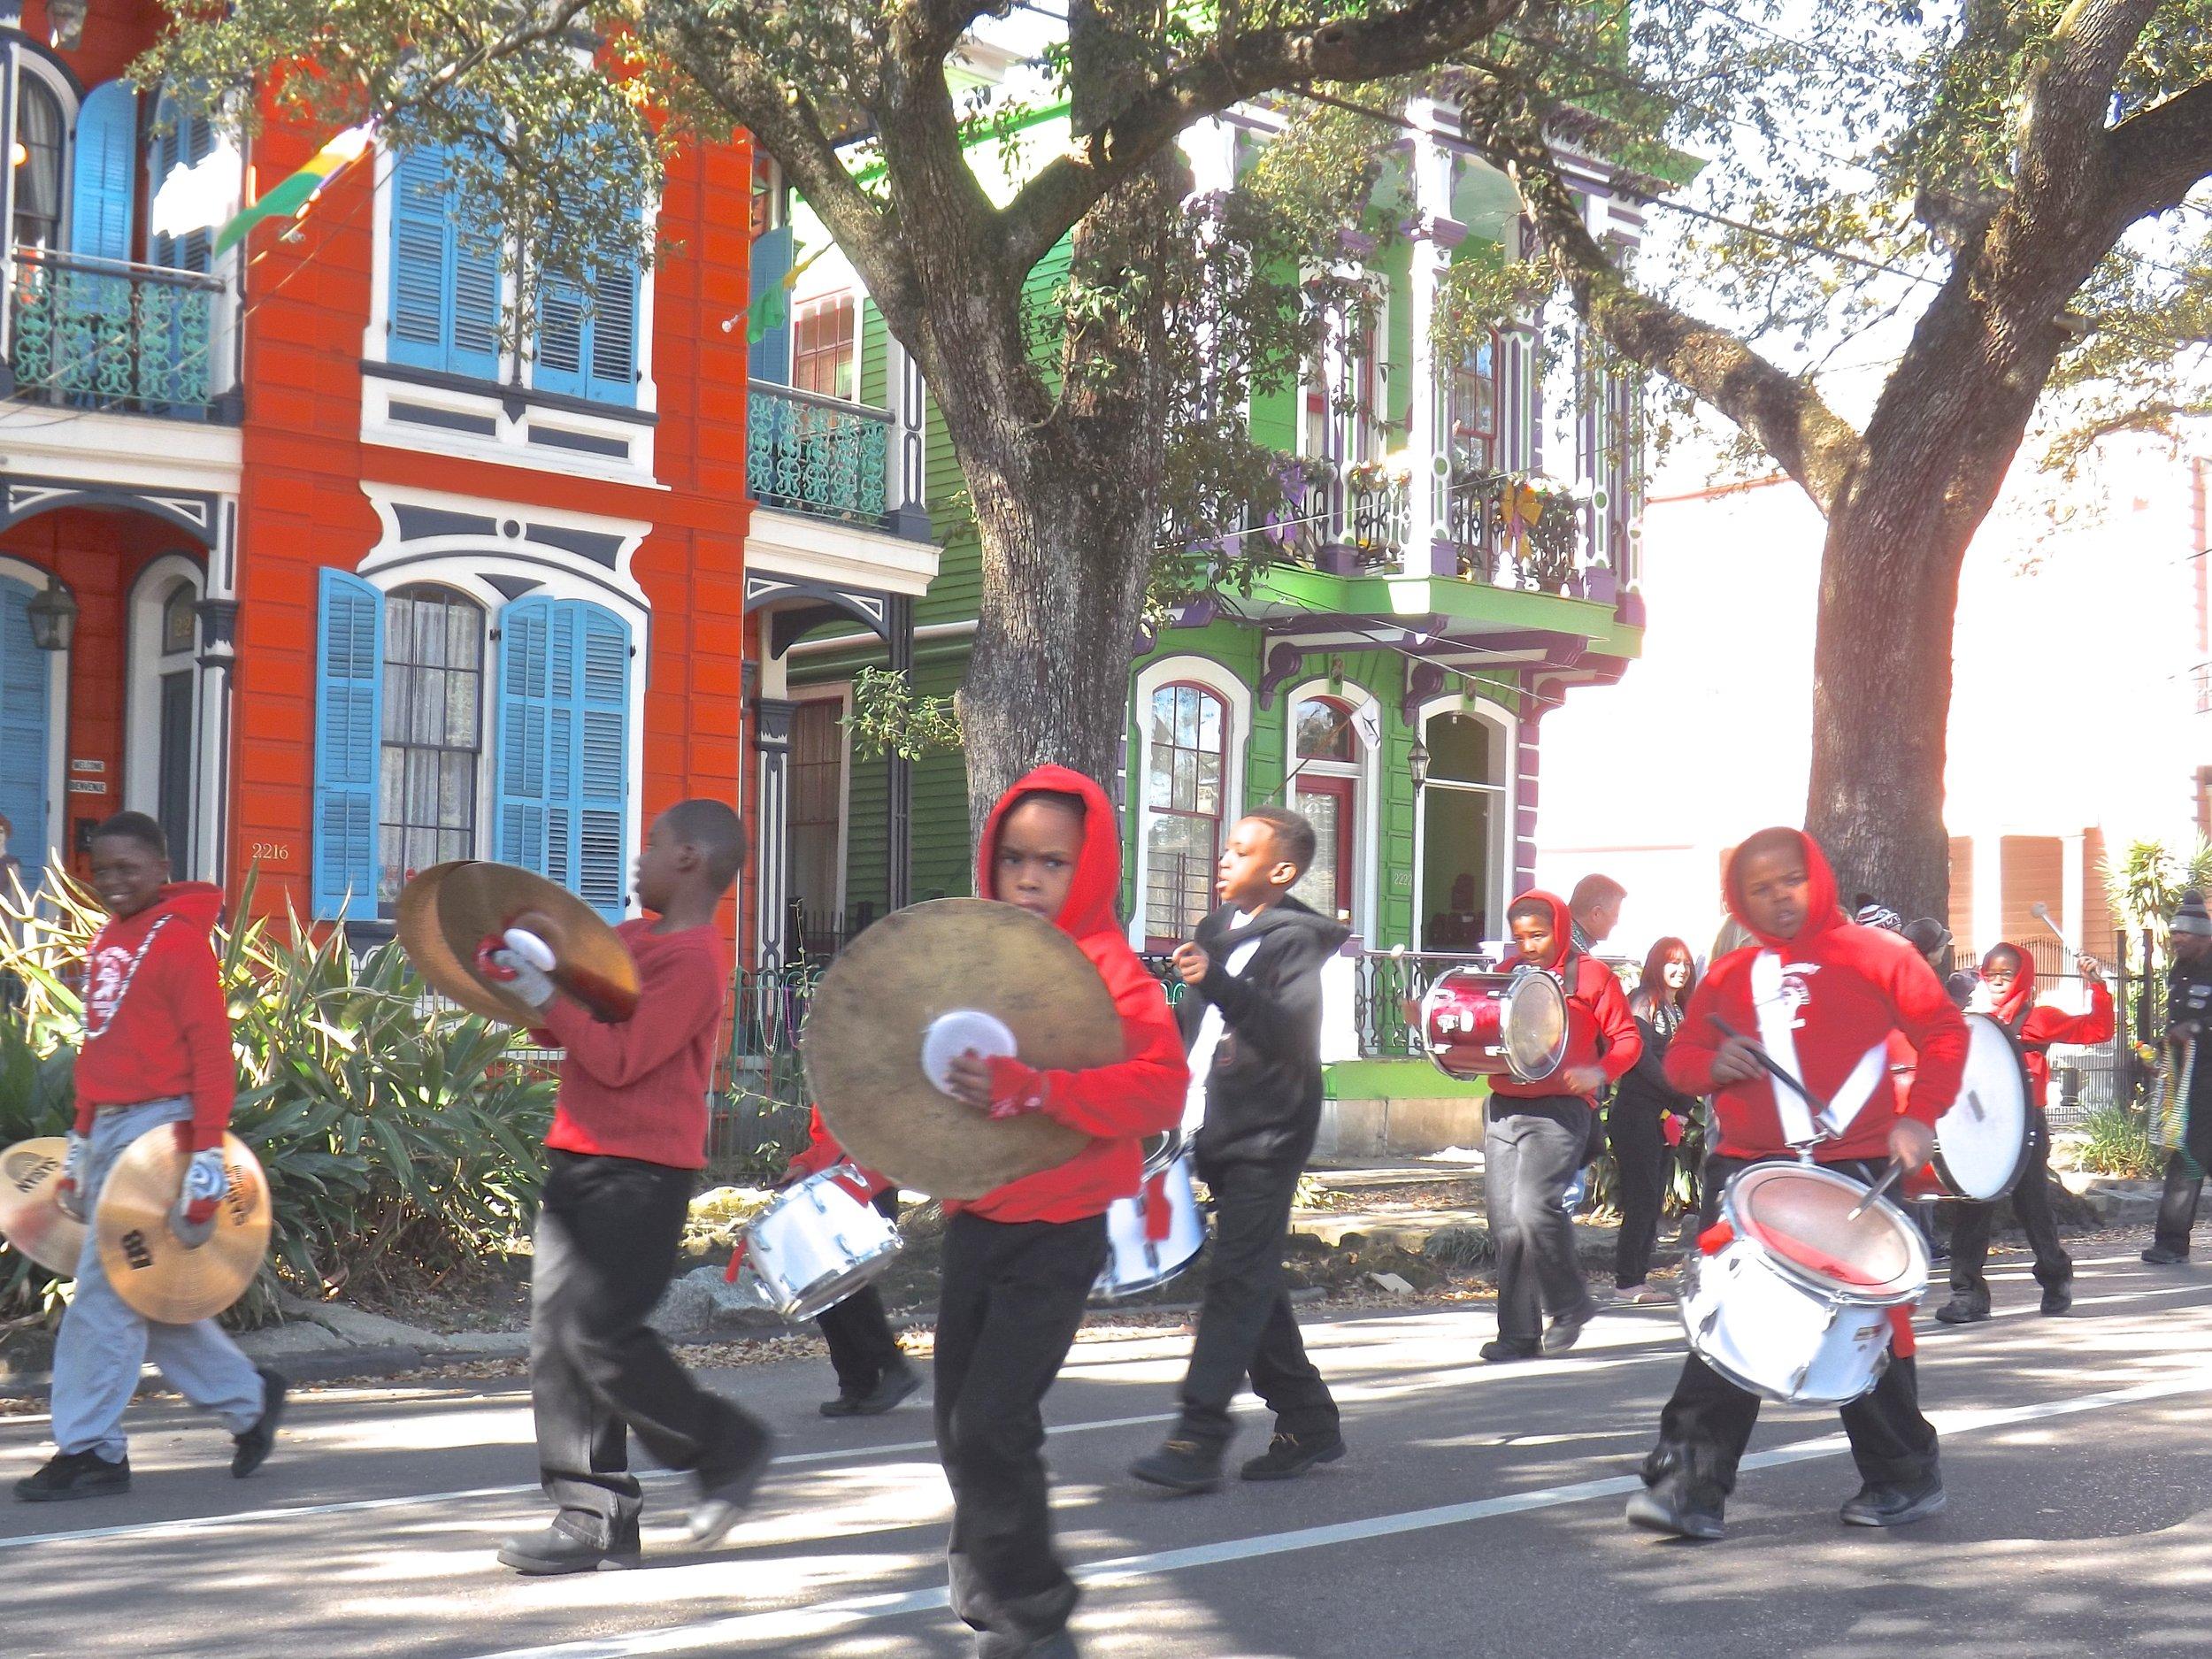 A parade on Esplanade Avenue, New Orleans, LA